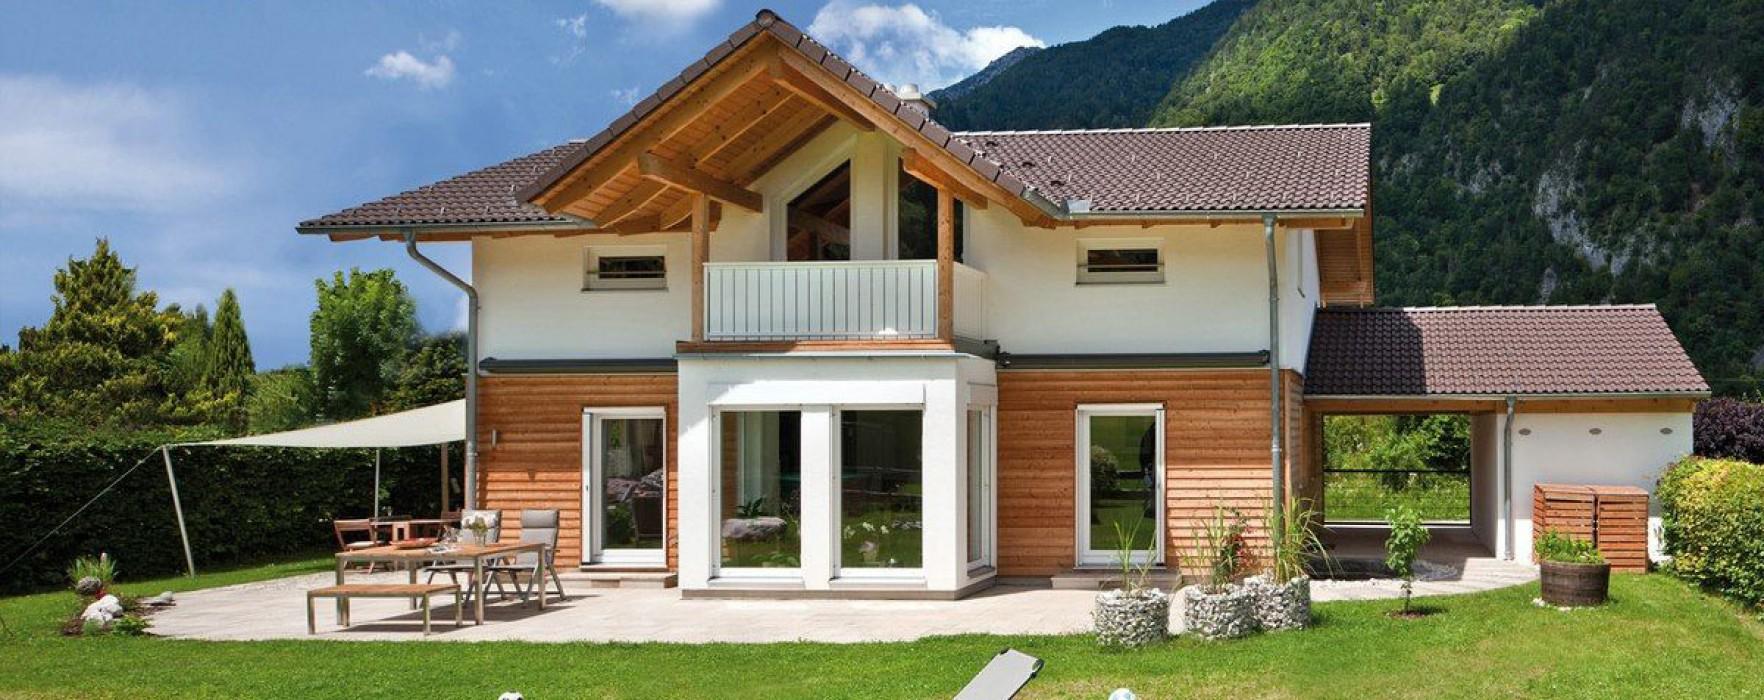 Informarsi da zero per costruire una casa prefabbricata for App per costruire case